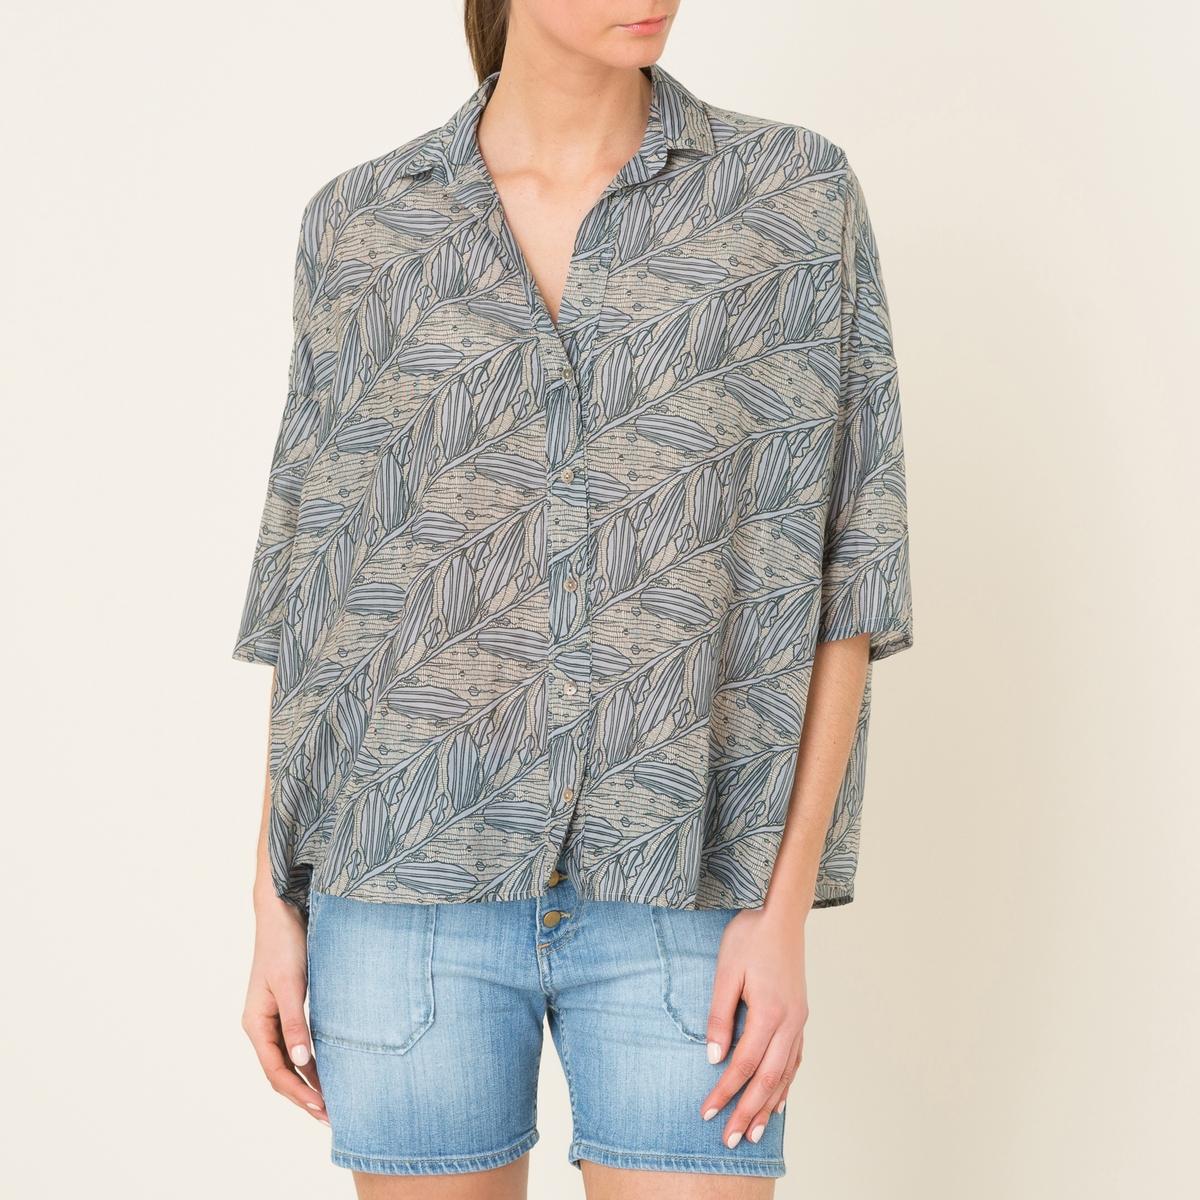 Рубашка свободная CLARAСвободная рубашка DIEGA - модель CLARA из хлопка и шелка. Круглый вырез. Планка застежки на пуговицы. Рукава 3/4. Рубашечный низ. Длиннее сзади.Состав и описаниеМатериал : 70% хлопка, 30% шелкаМарка : DIEGA<br><br>Цвет: наб. рисунок синий<br>Размер: S